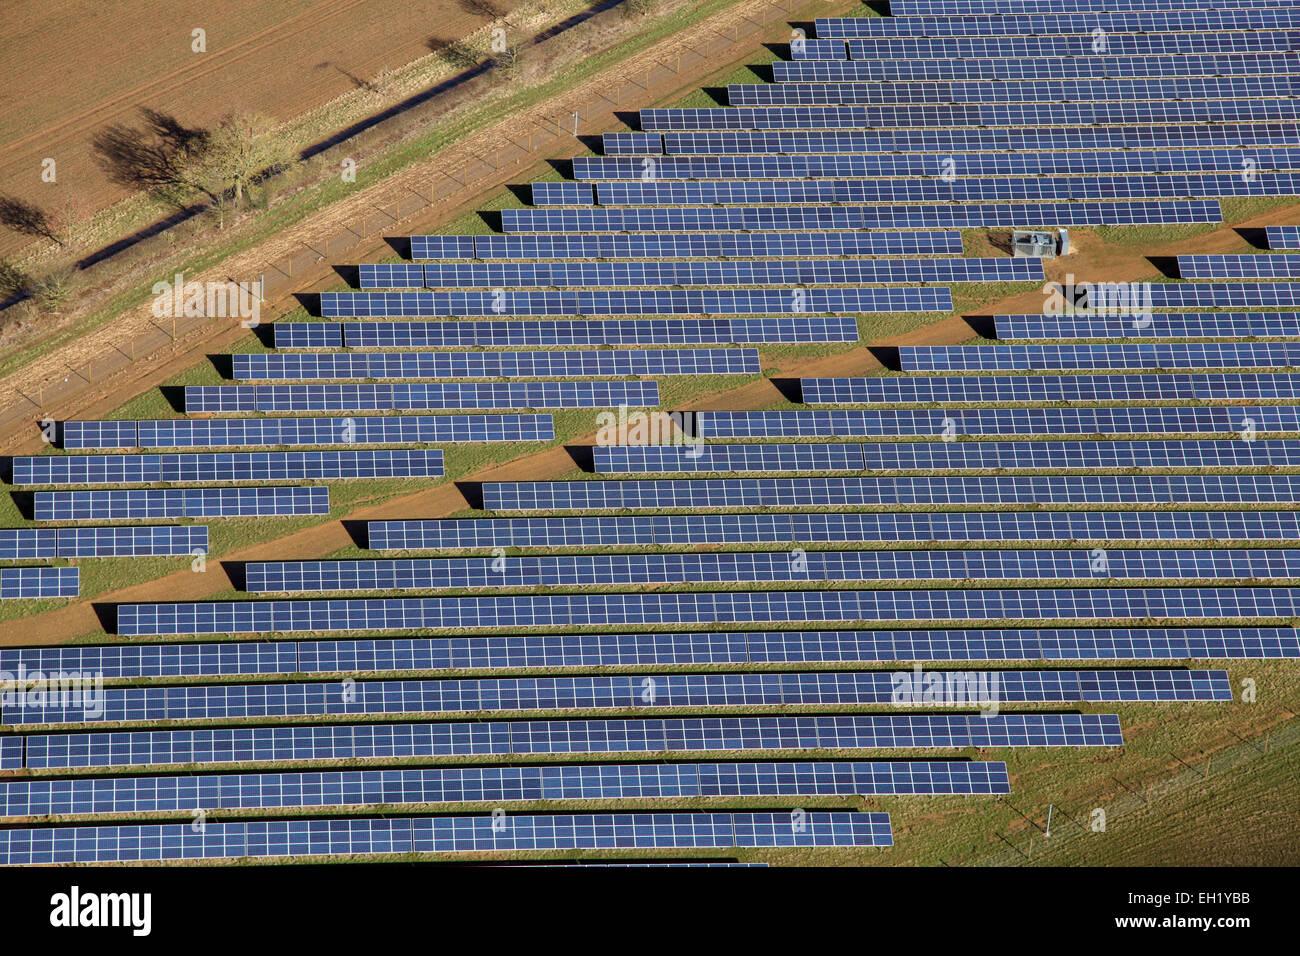 Una vista aérea de los paneles solares (celdas fotovoltaicas) en una granja solar en el REINO UNIDO Imagen De Stock